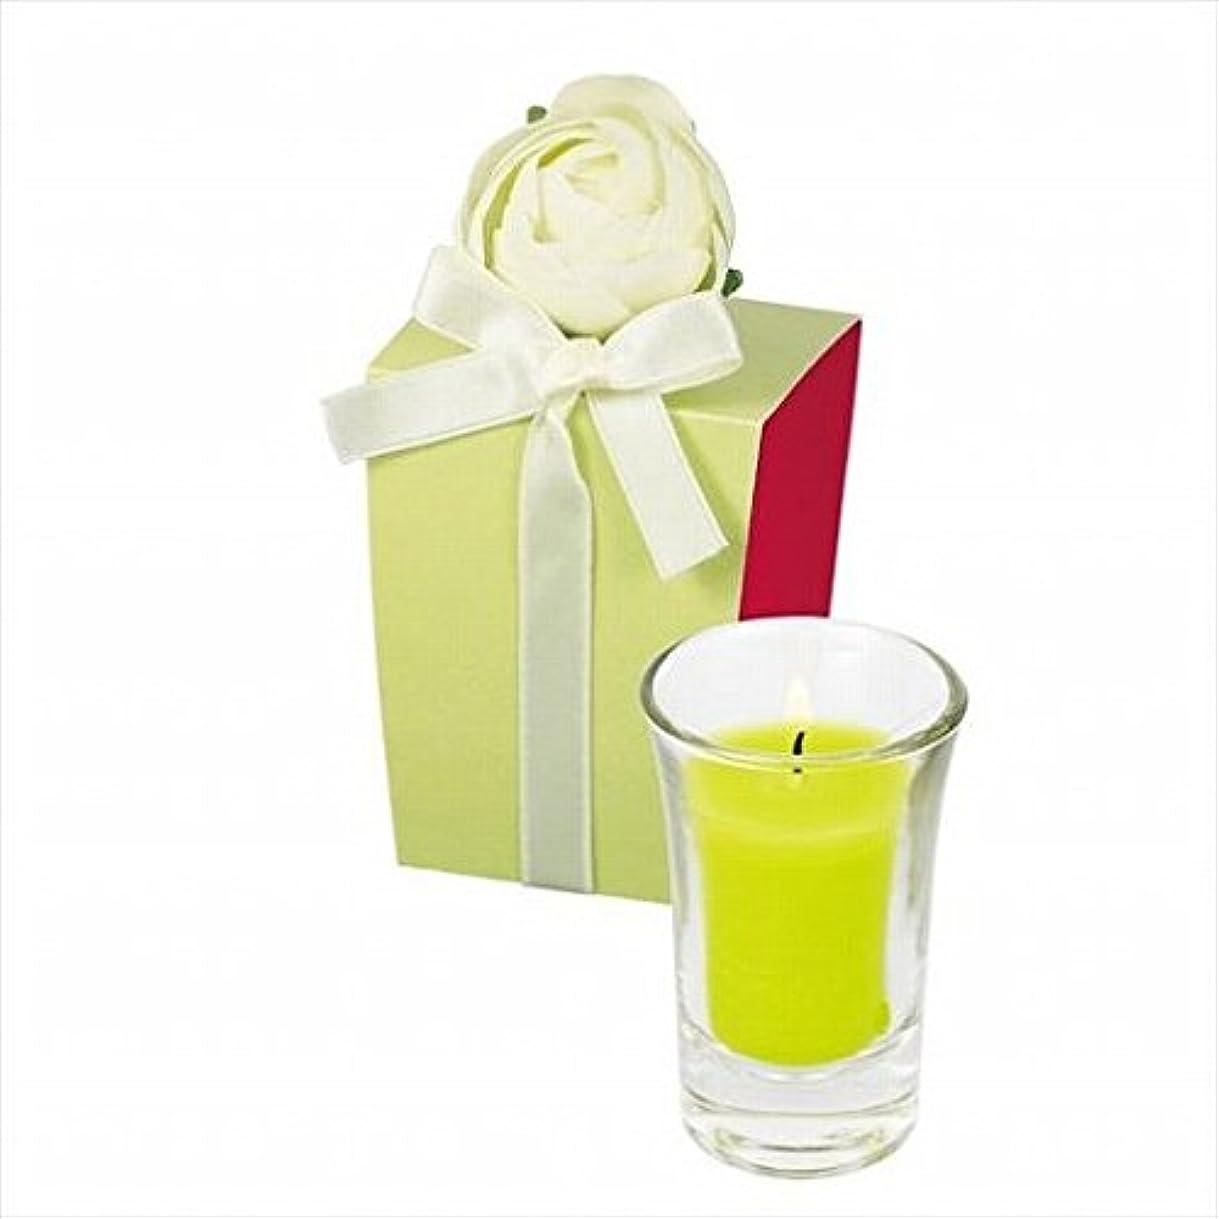 ワーム好意赤kameyama candle(カメヤマキャンドル) ラナンキュラスグラスキャンドル 「 ライトグリーン 」(A9390500LG)